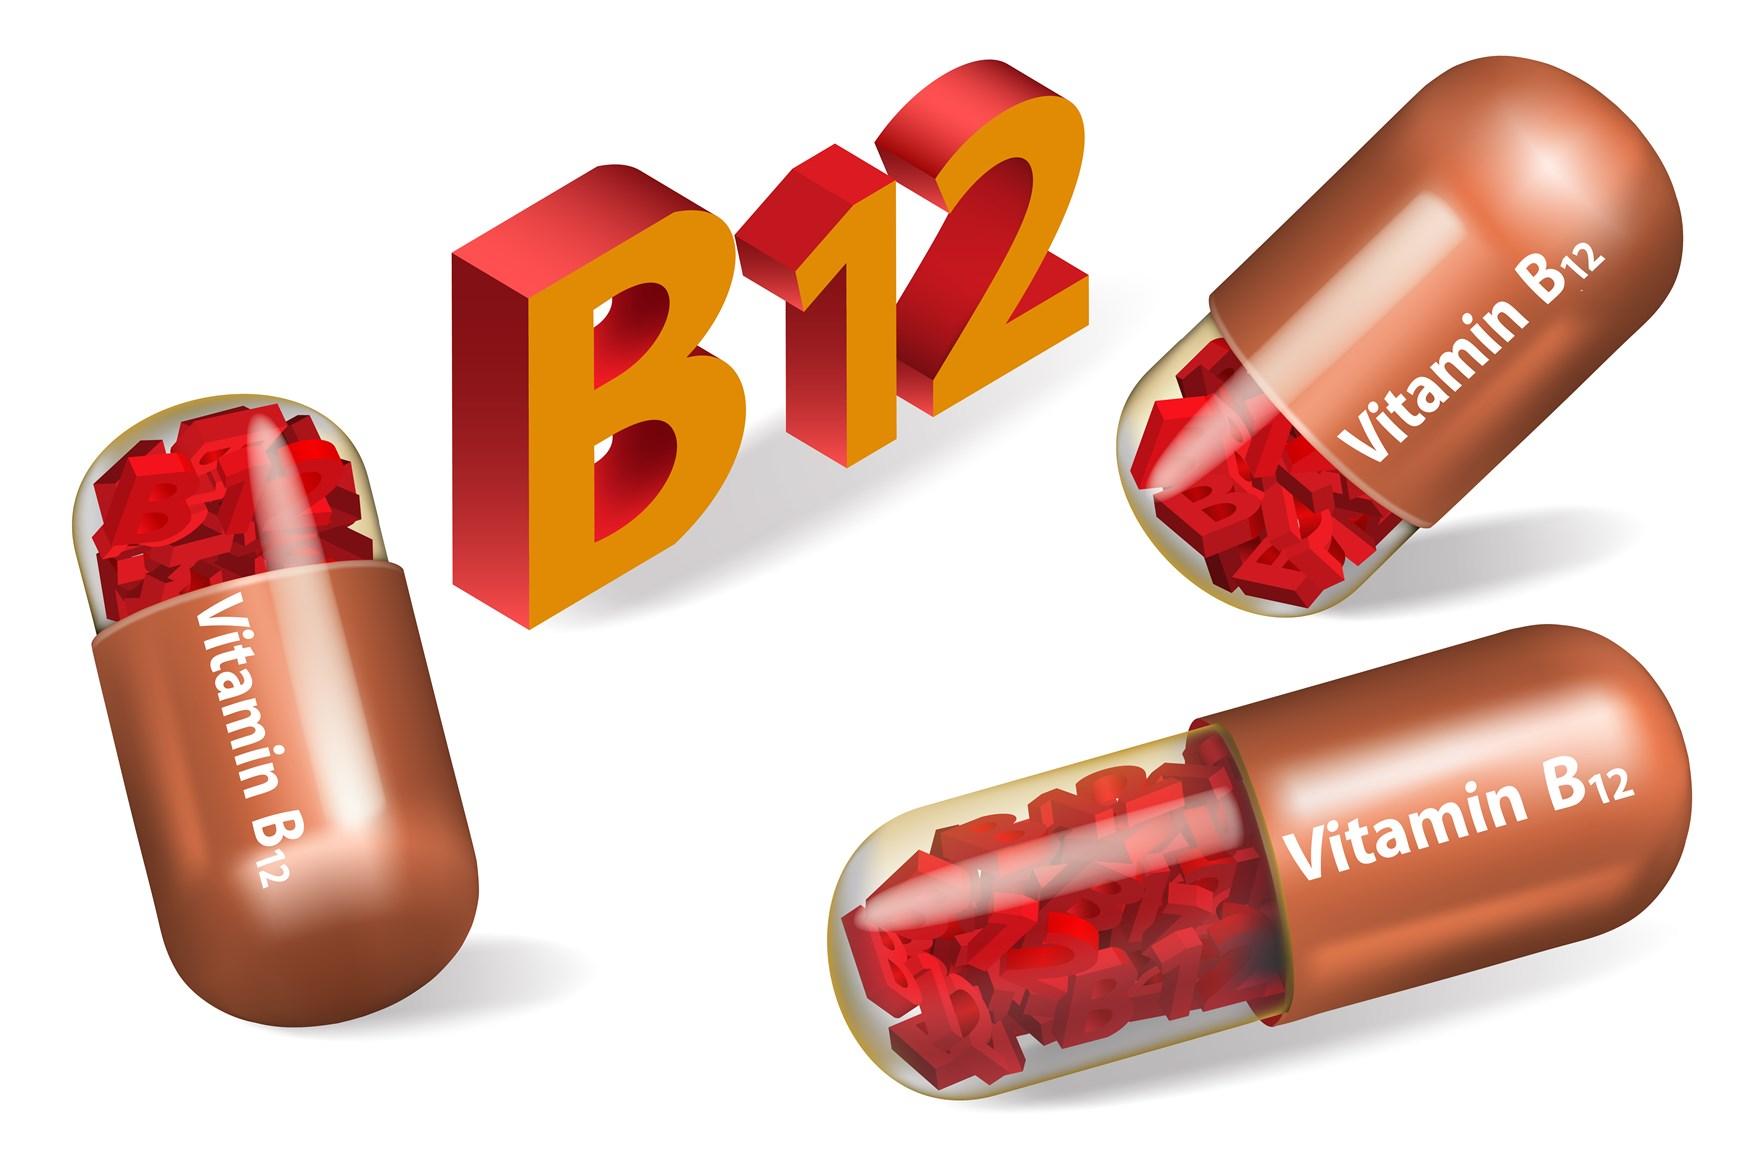 صور ما هو فيتامين b12 , سبب نقص فيتامن 12ب